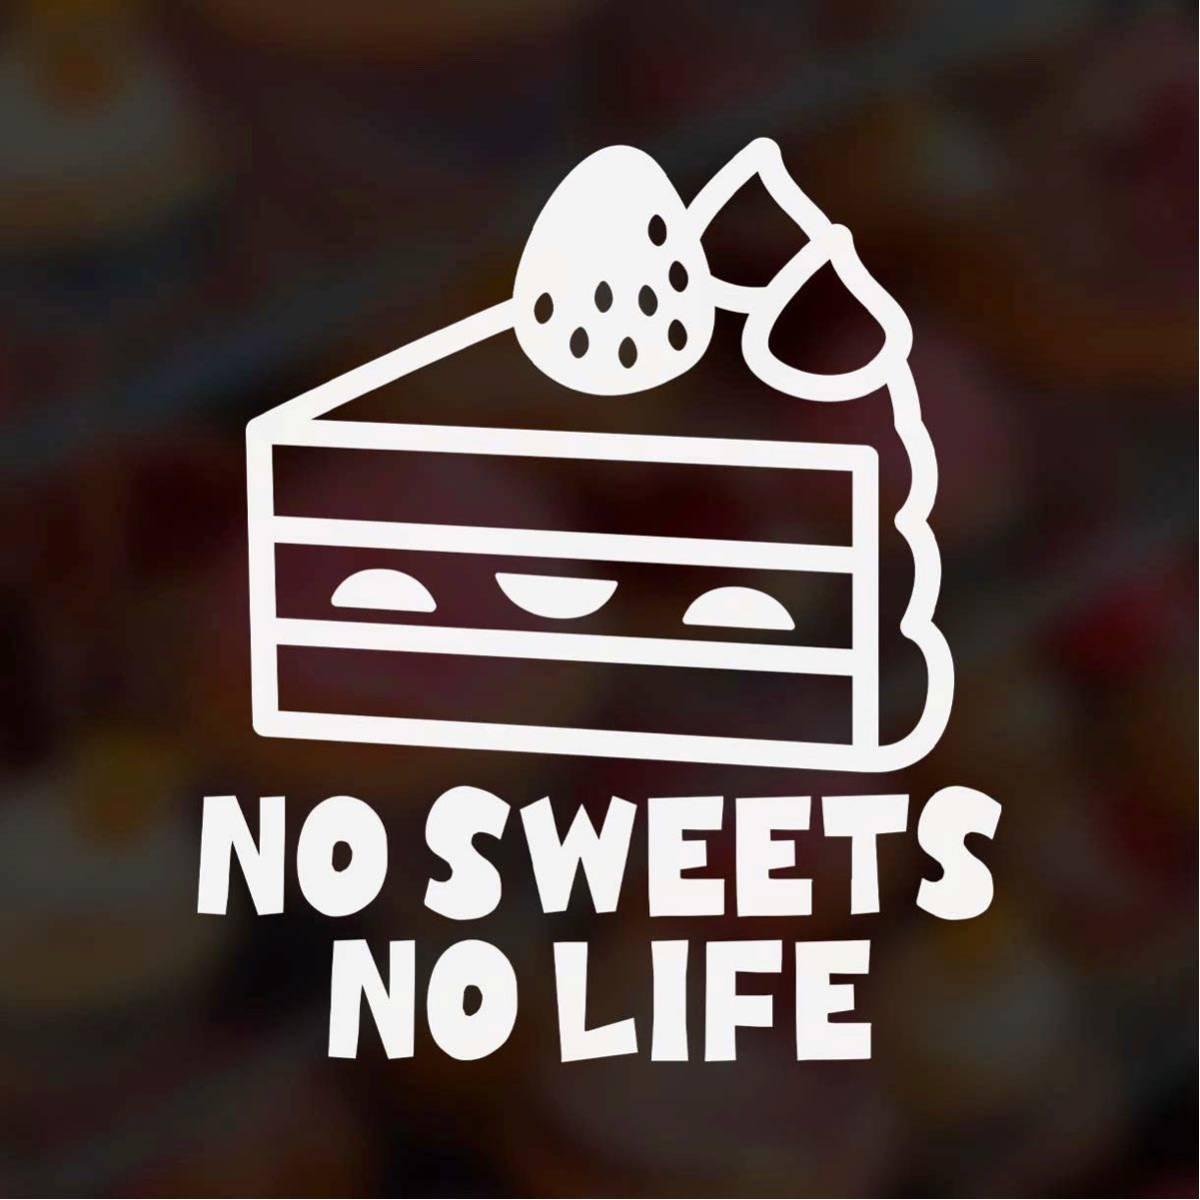 【カッティングステッカー】ノースイーツノーライフ スイーツ好きの方へ ケーキ スイーツ お菓子 甘党 ノーライフ 洋菓子 和菓子_画像1